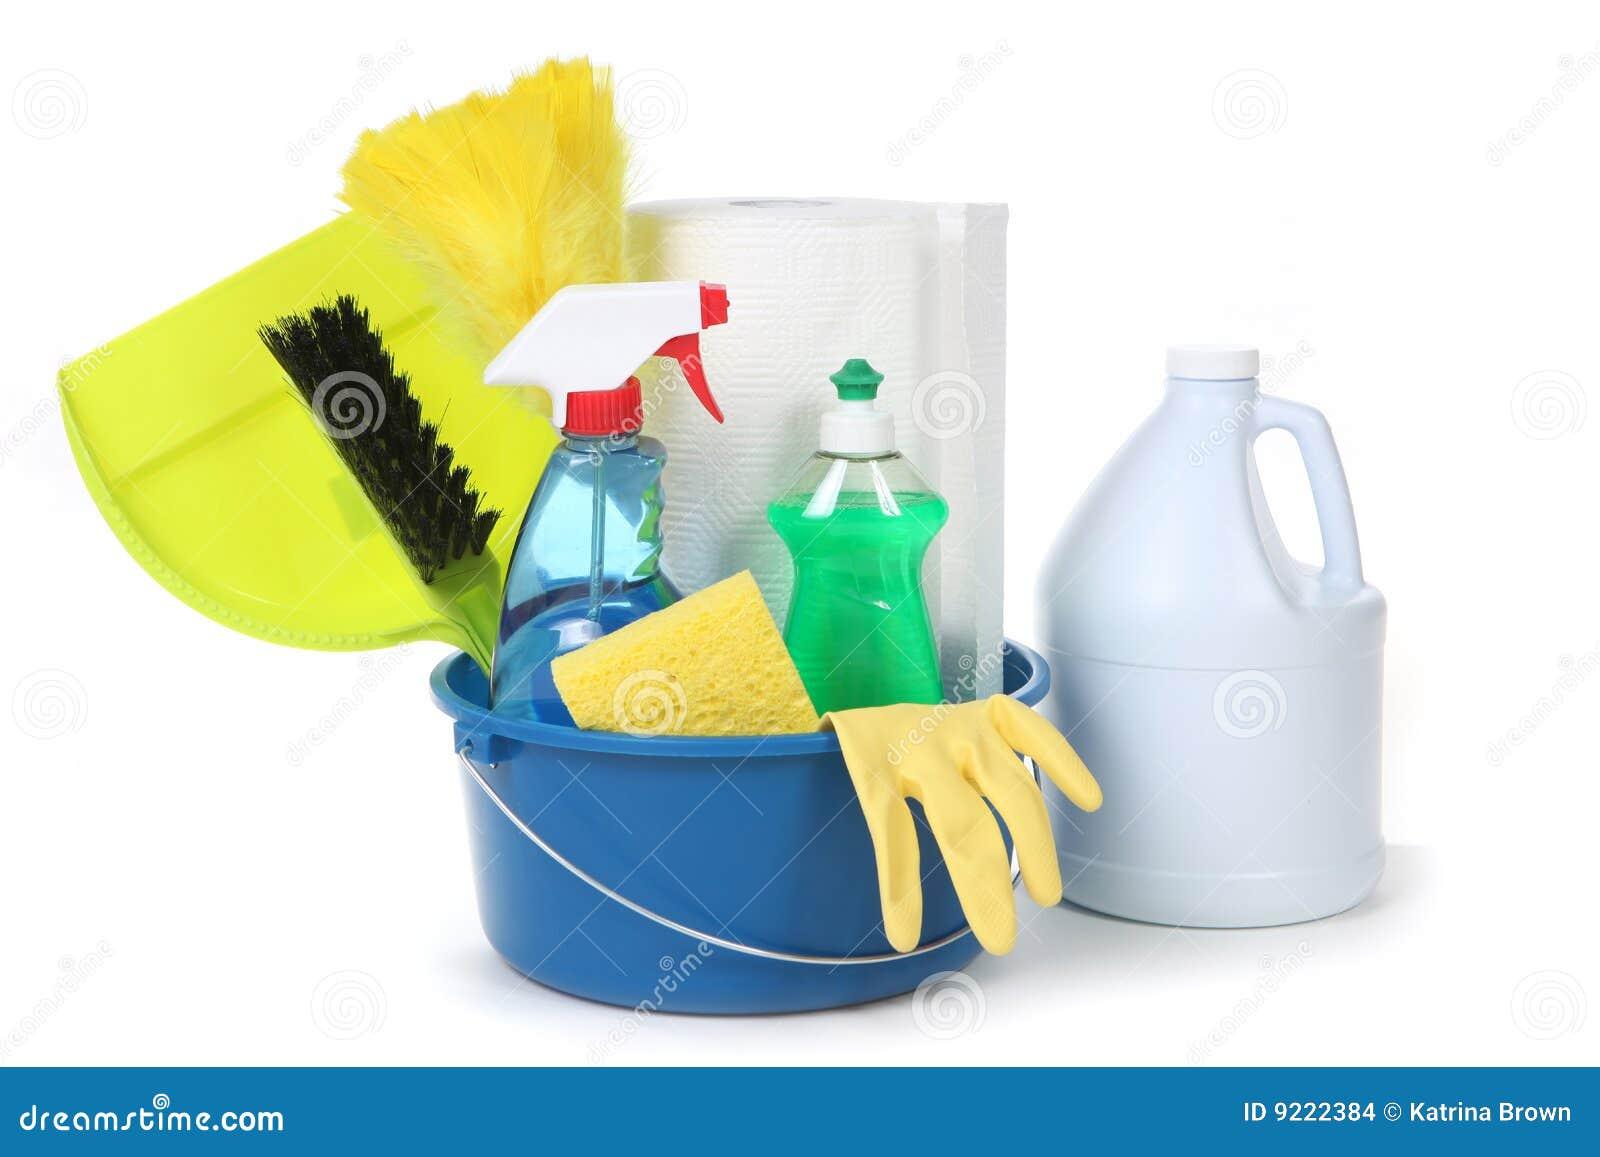 Fuentes de limpieza para el hogar imagenes de archivo - Limpieza de hogares ...